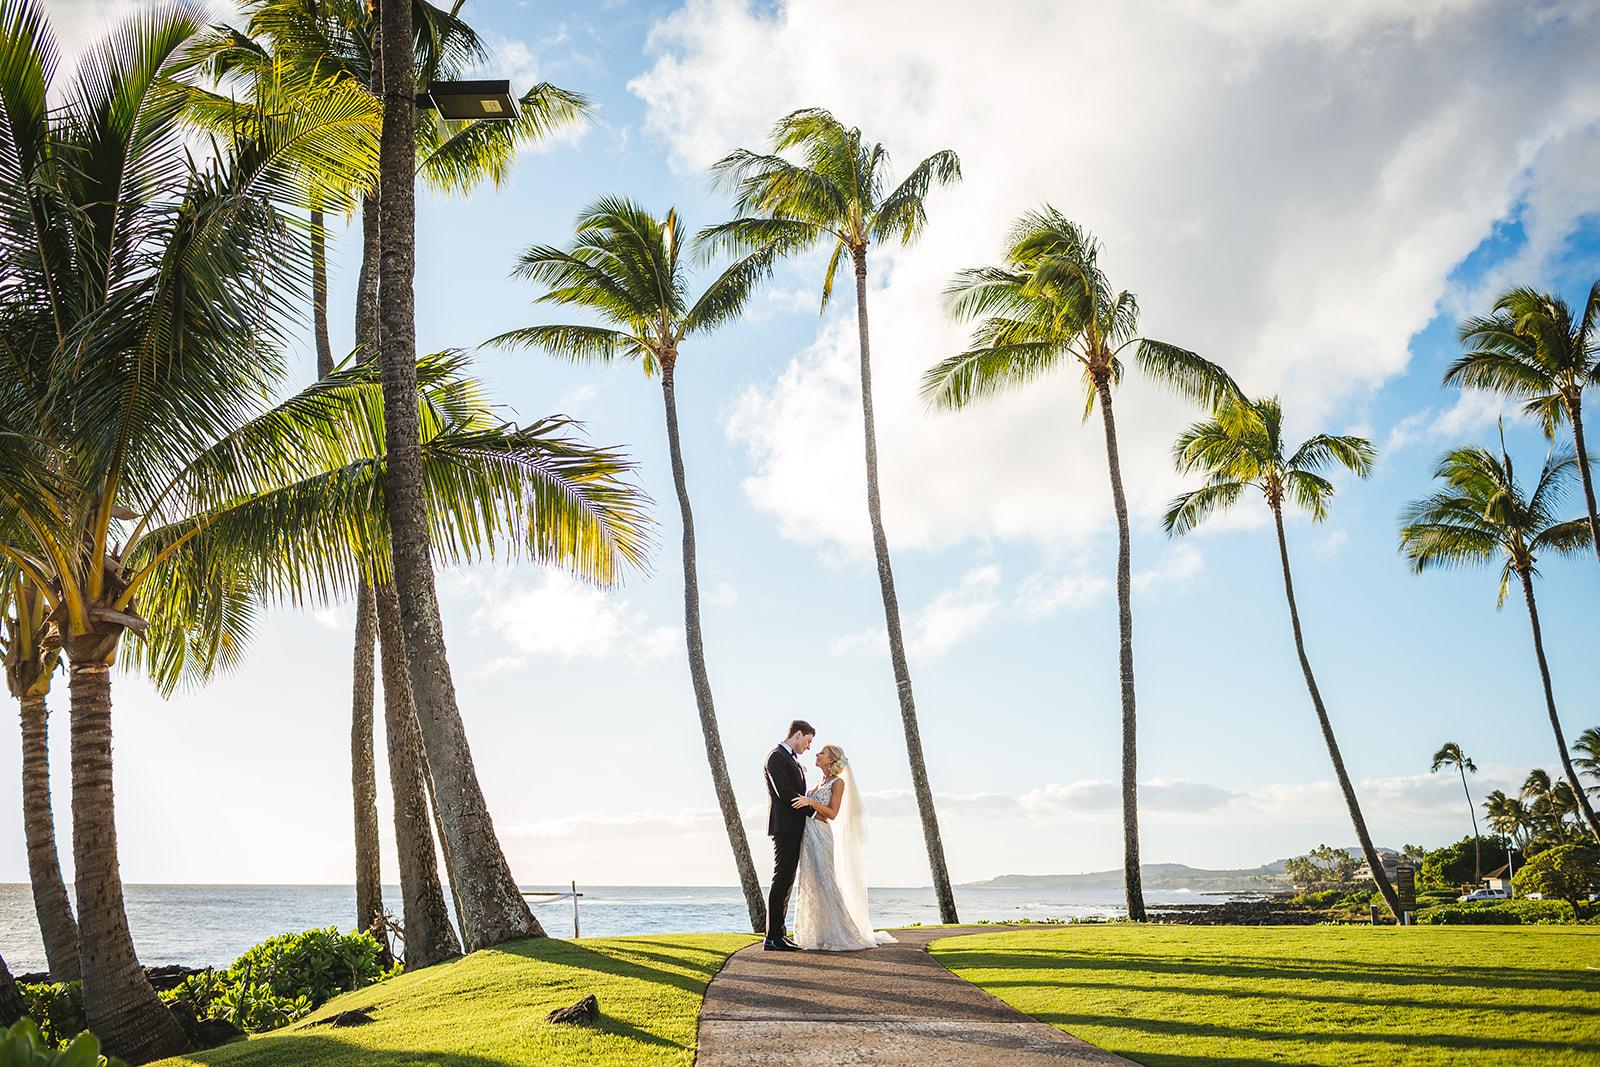 weddingphotographerhawaii.jpg